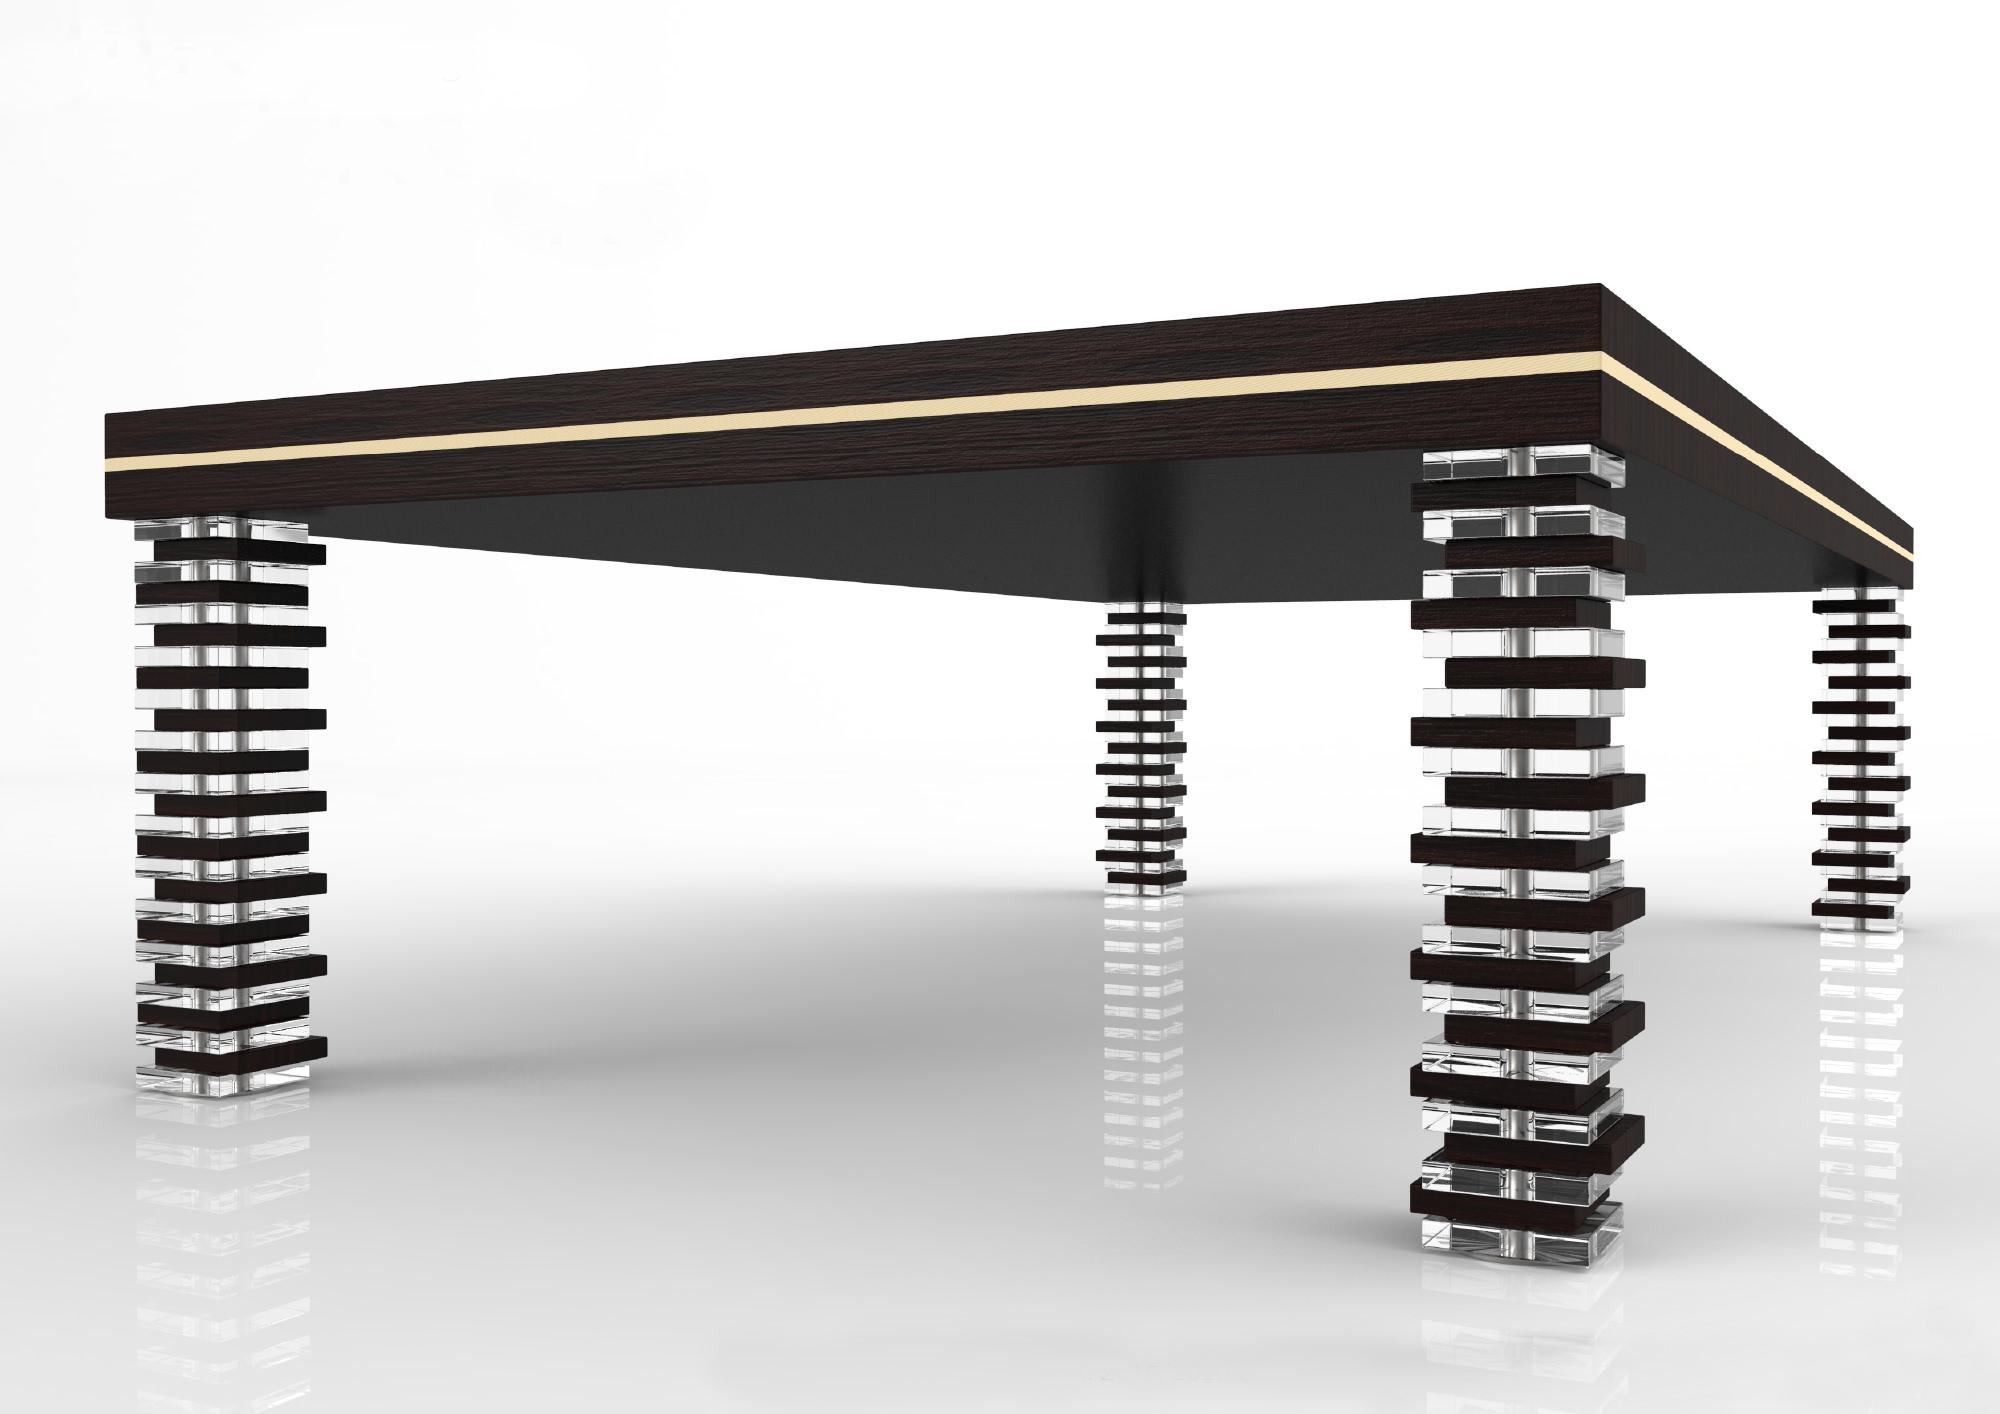 tavolo da Biliardo bruxelles